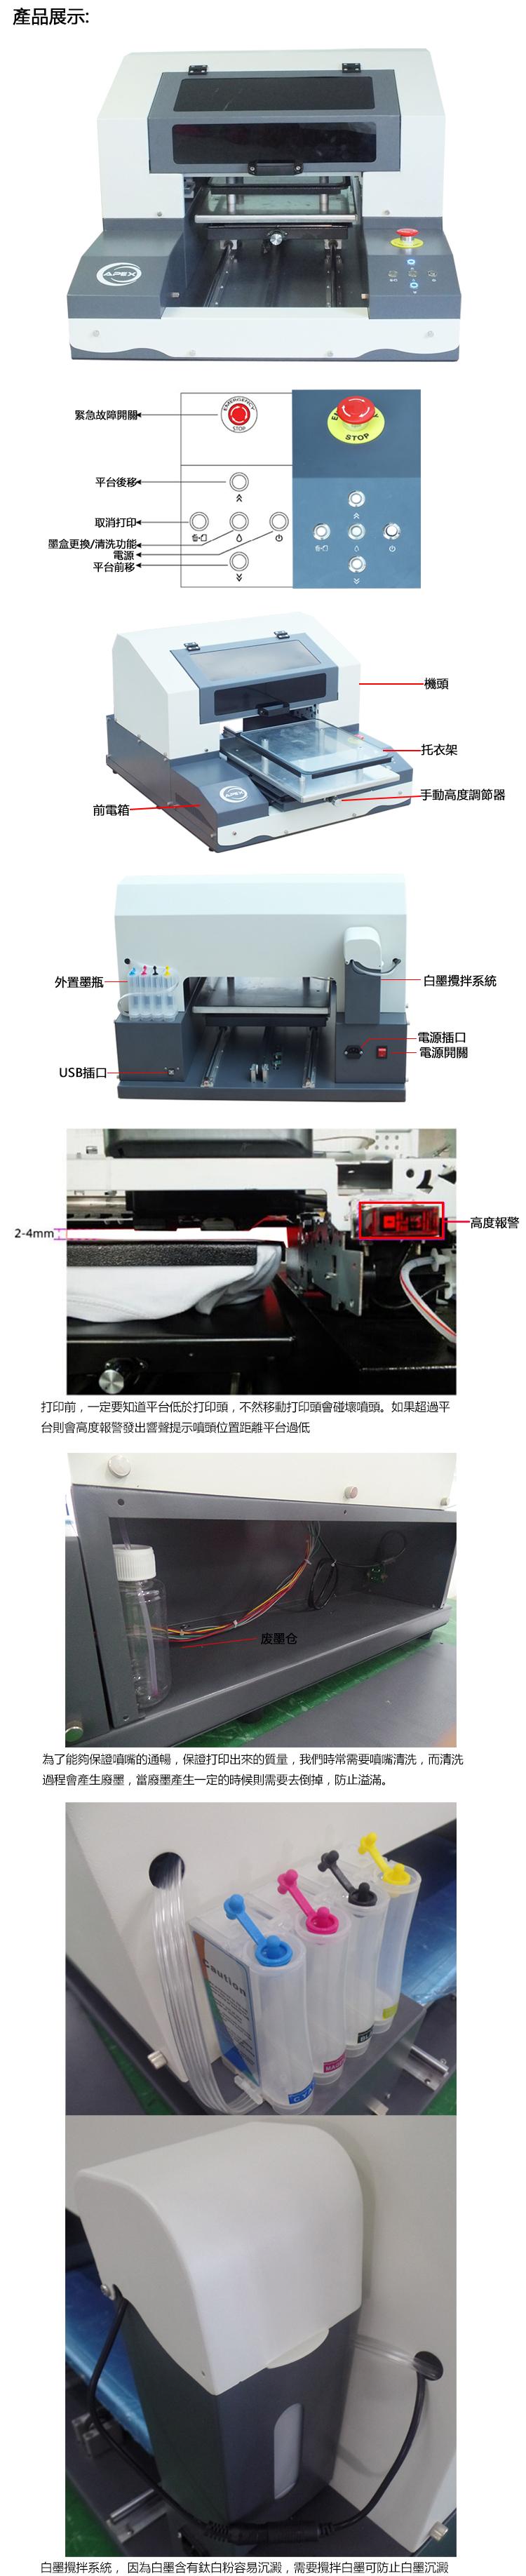 數位紡織印刷機 桌上型